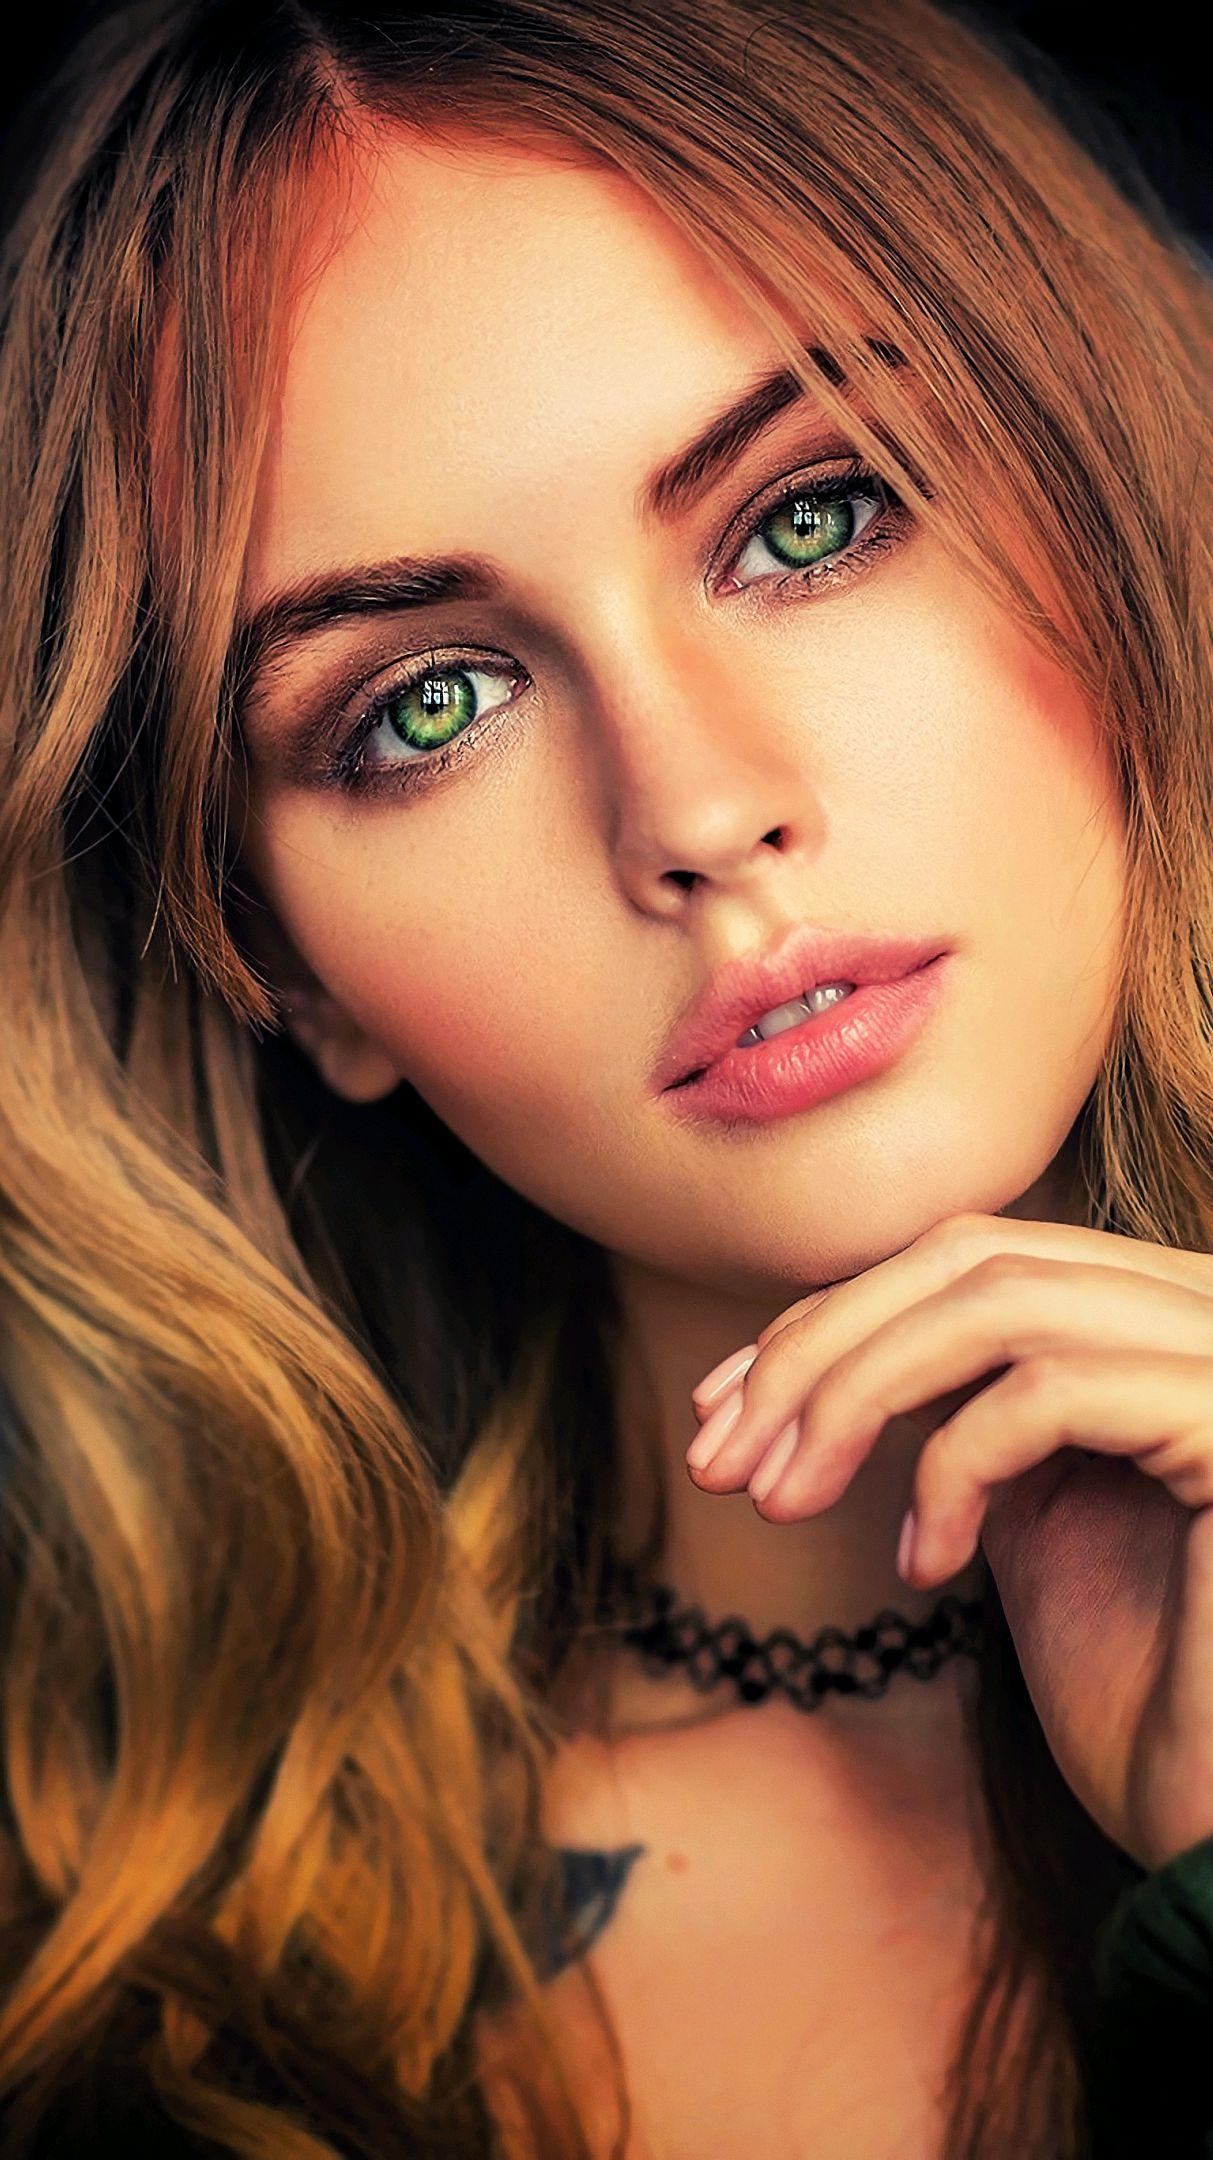 Anastasia-Scheglova-Beautiful-Face-Girl-Eyes-iPhone